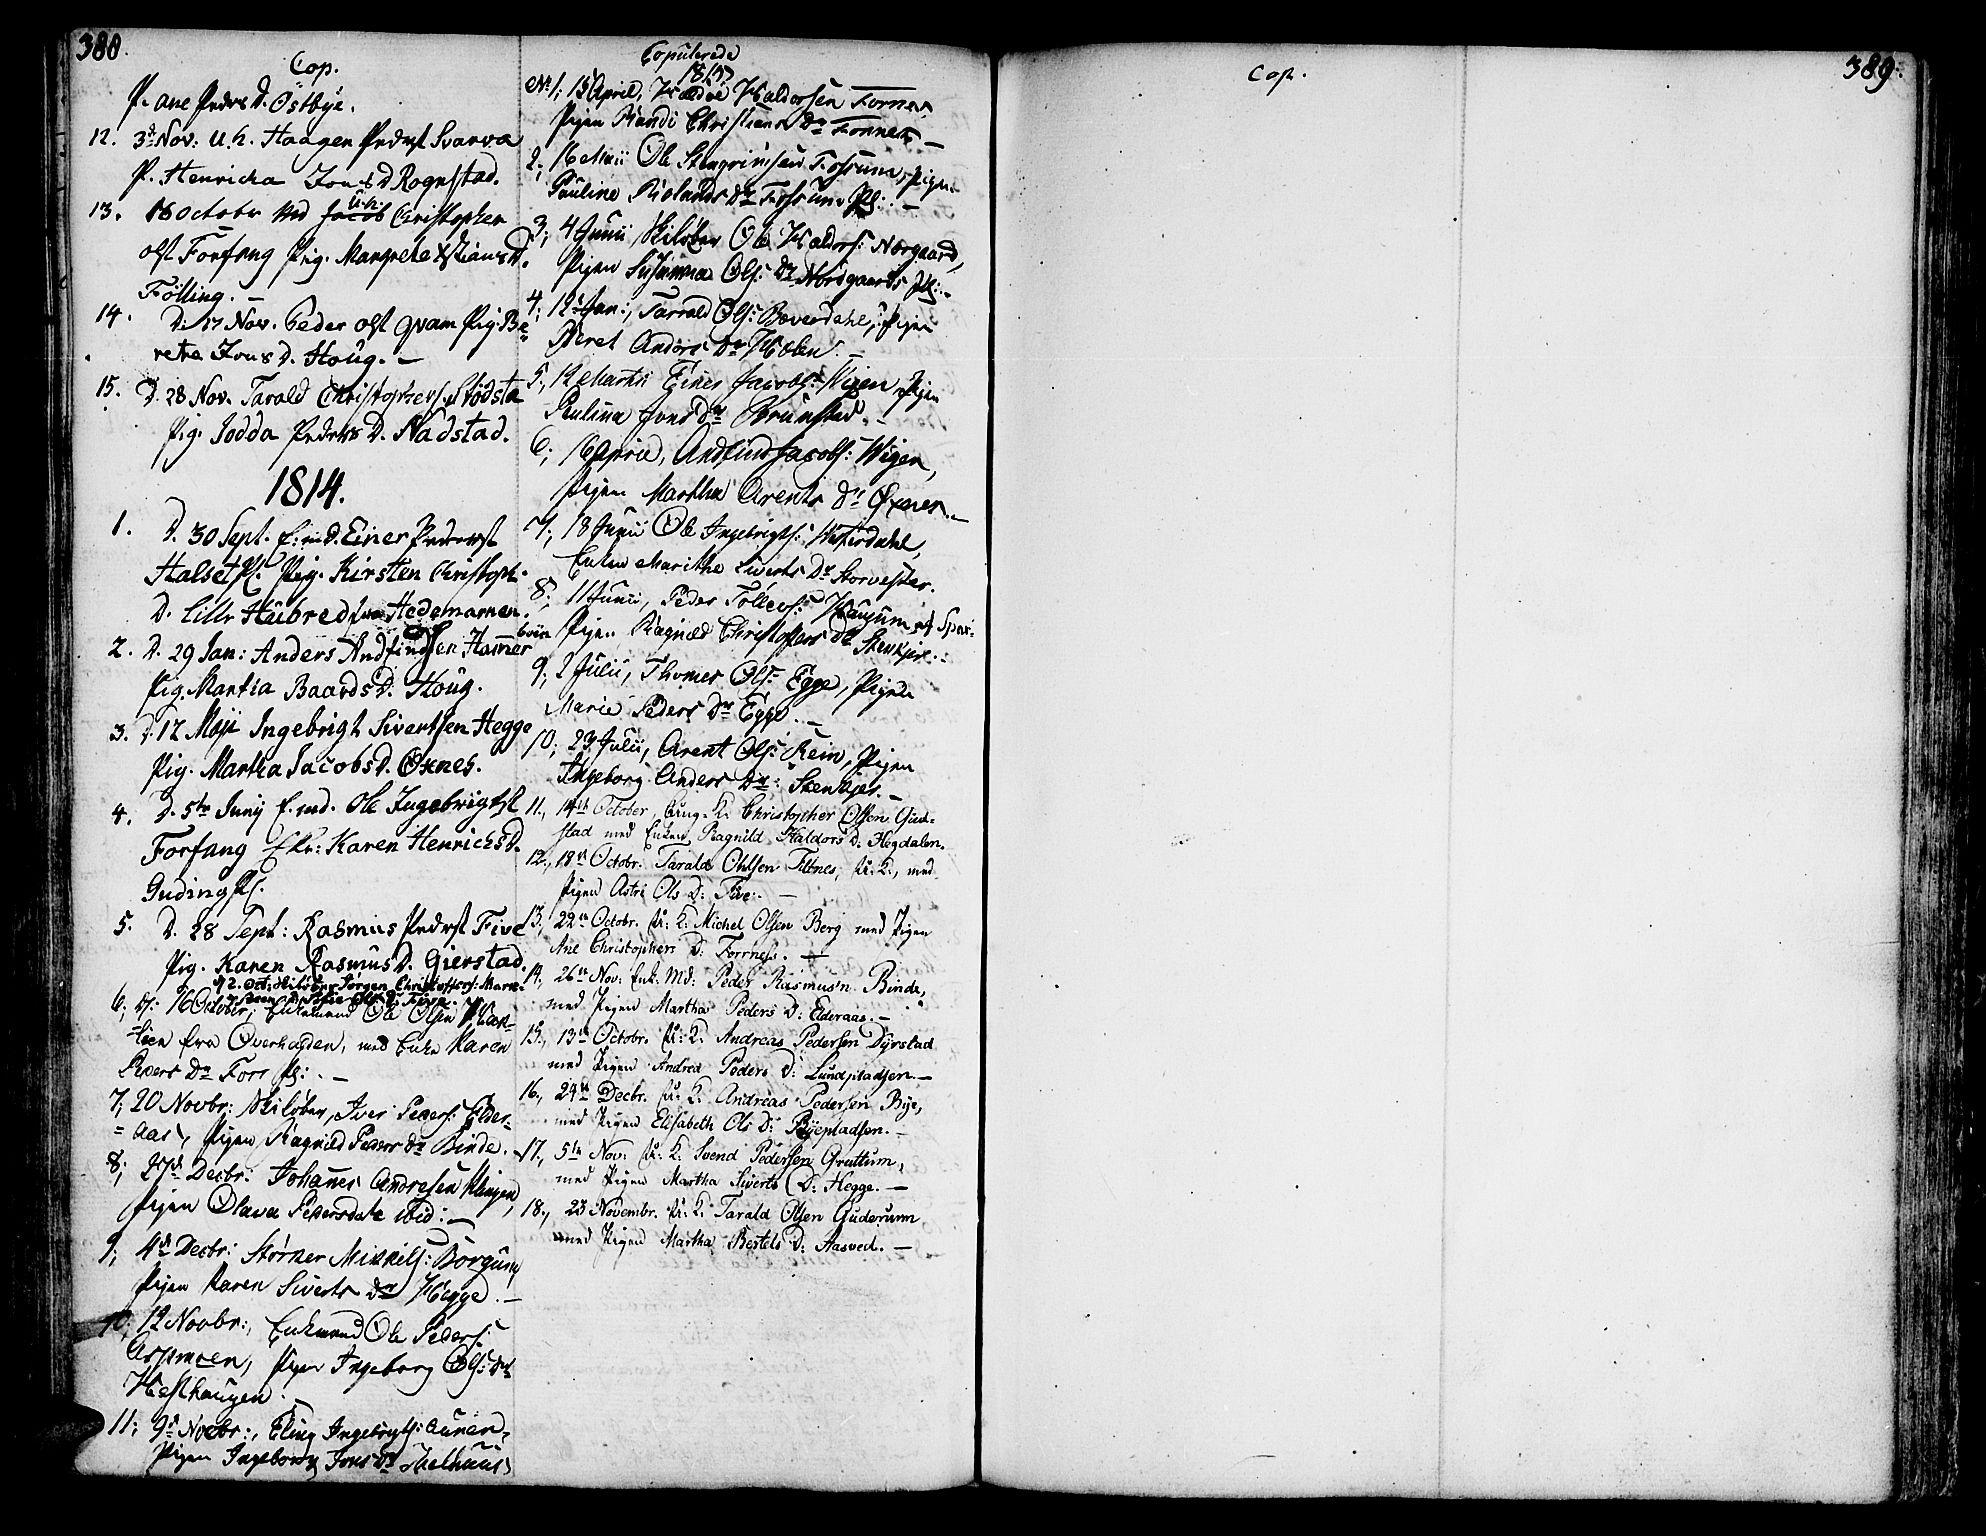 SAT, Ministerialprotokoller, klokkerbøker og fødselsregistre - Nord-Trøndelag, 746/L0440: Ministerialbok nr. 746A02, 1760-1815, s. 388-389